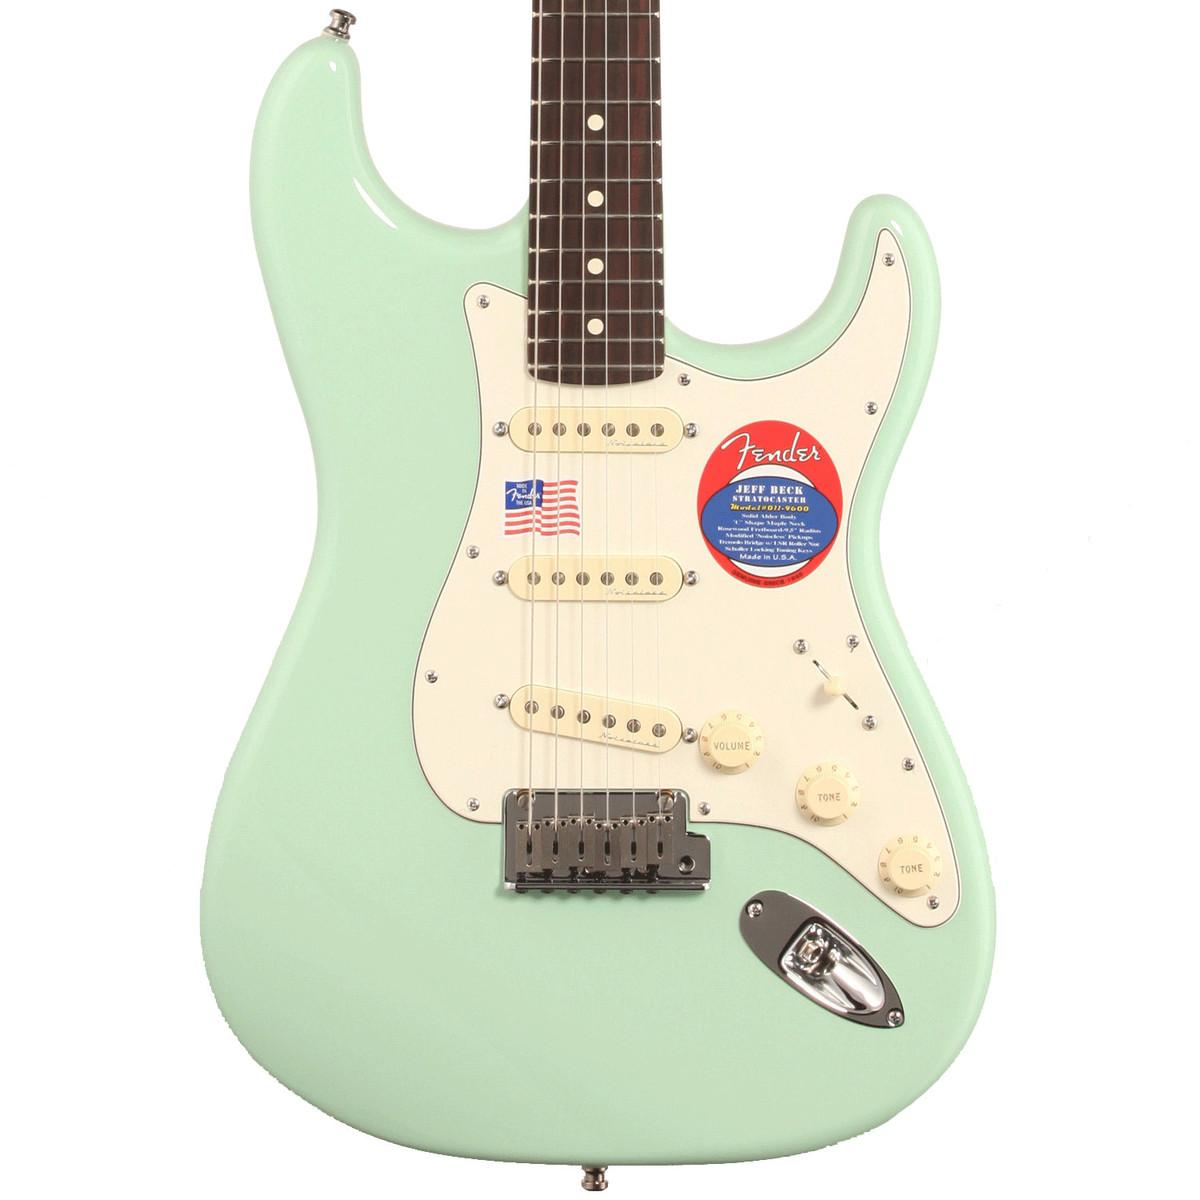 Green Fender Electric Guitar : fender jeff beck stratocaster electric guitar surf green at ~ Hamham.info Haus und Dekorationen